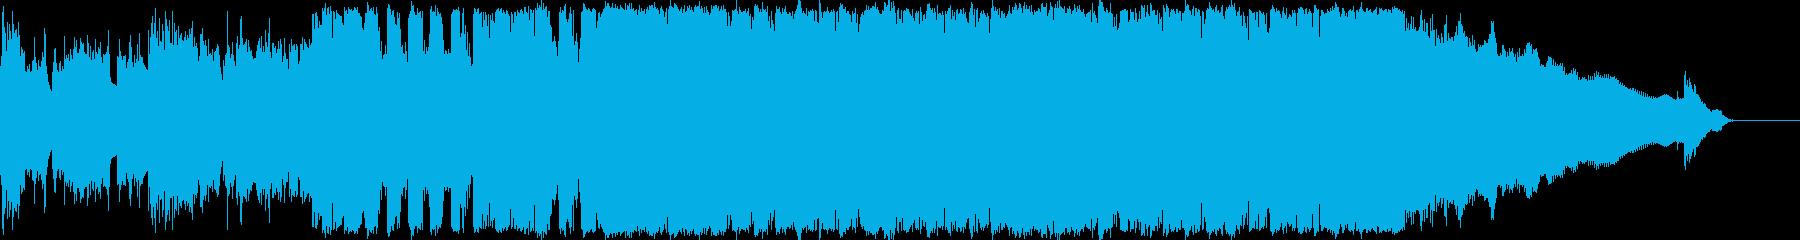 駆け抜けるエレキギターサウンド!!の再生済みの波形